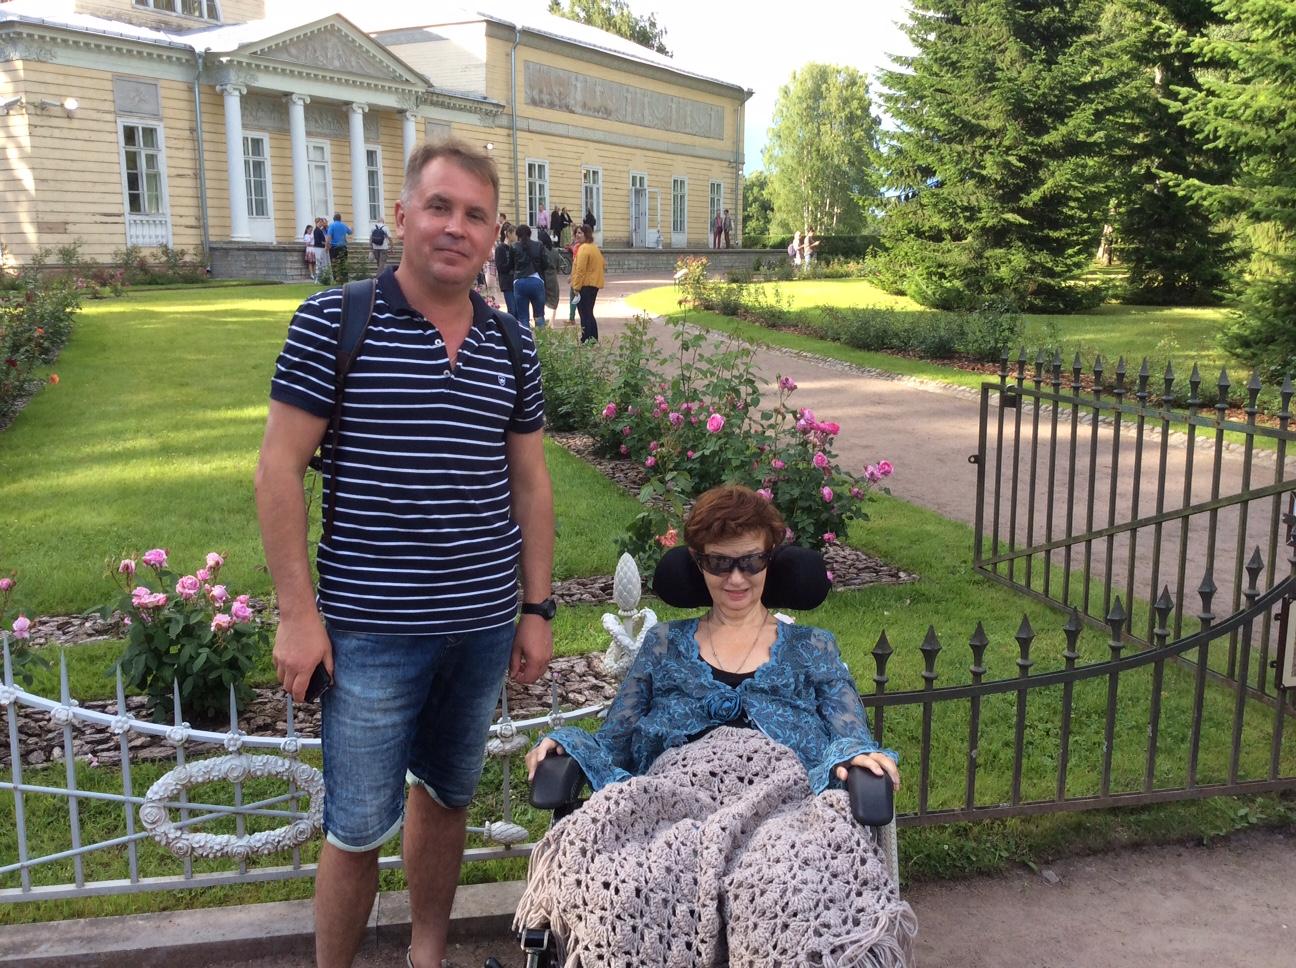 Со специалистом по дыхательной поддержке Дмитрием в Павловске